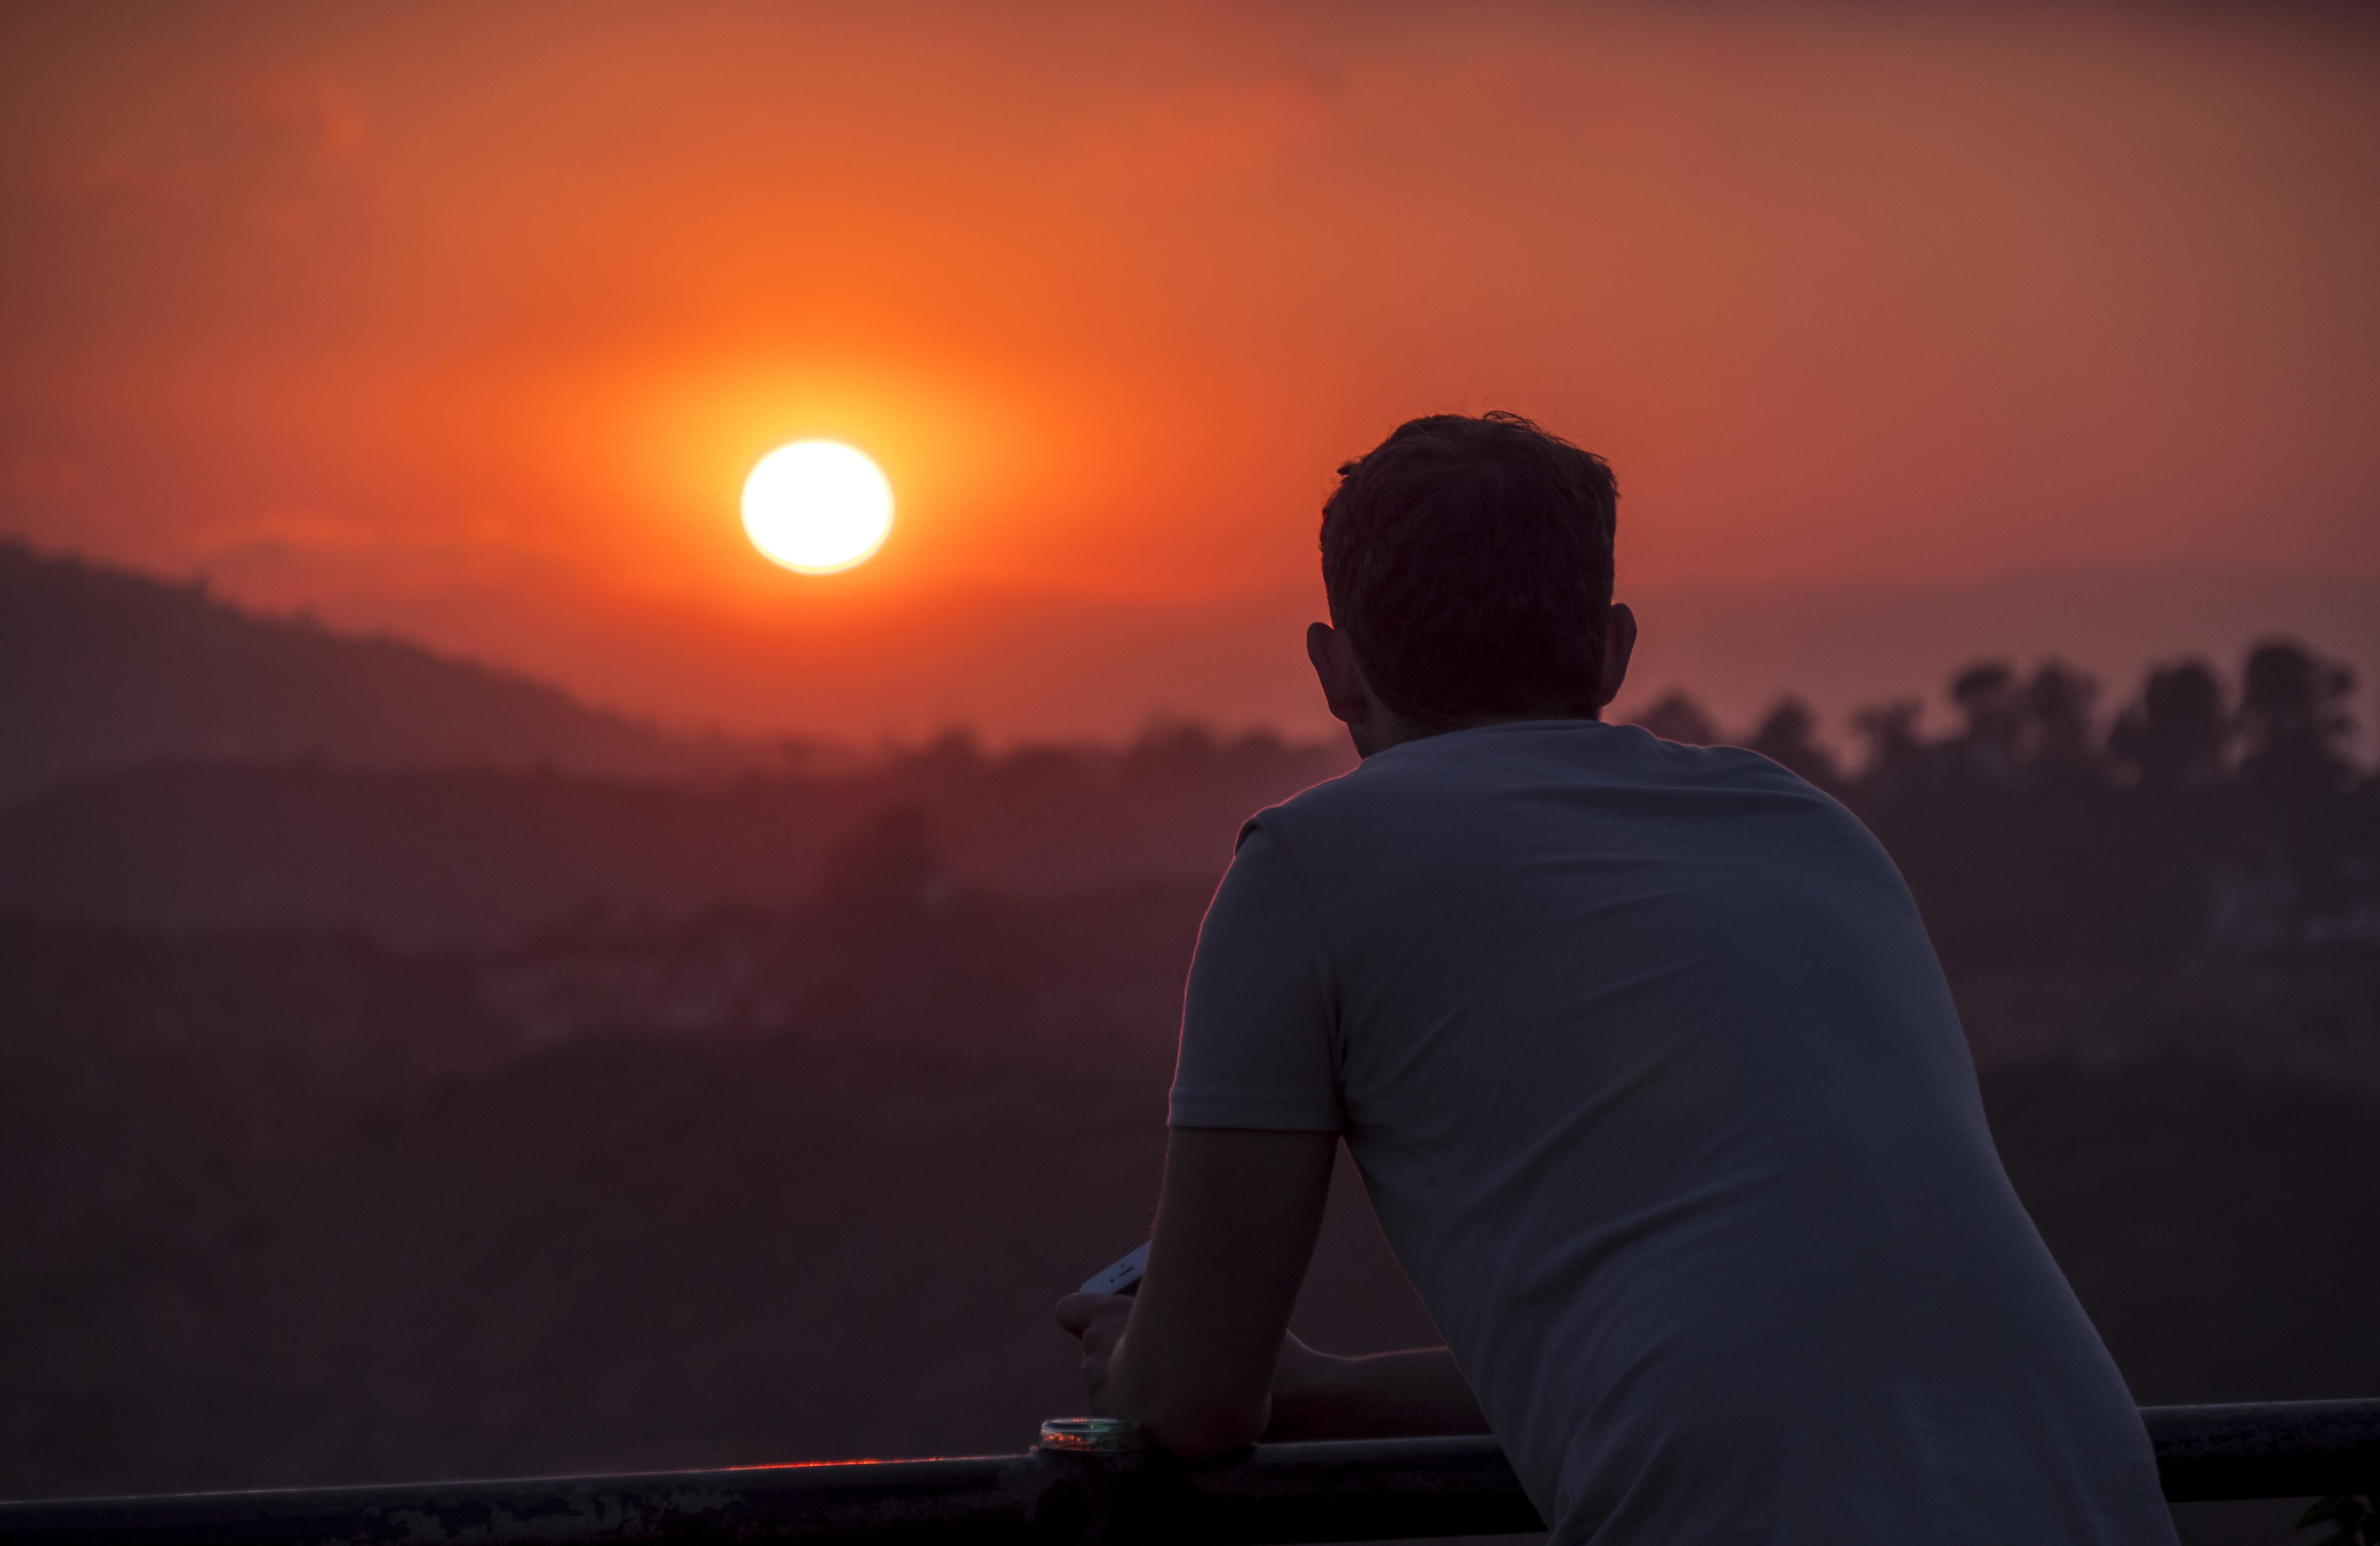 man wearing blue shirt looking at sunset